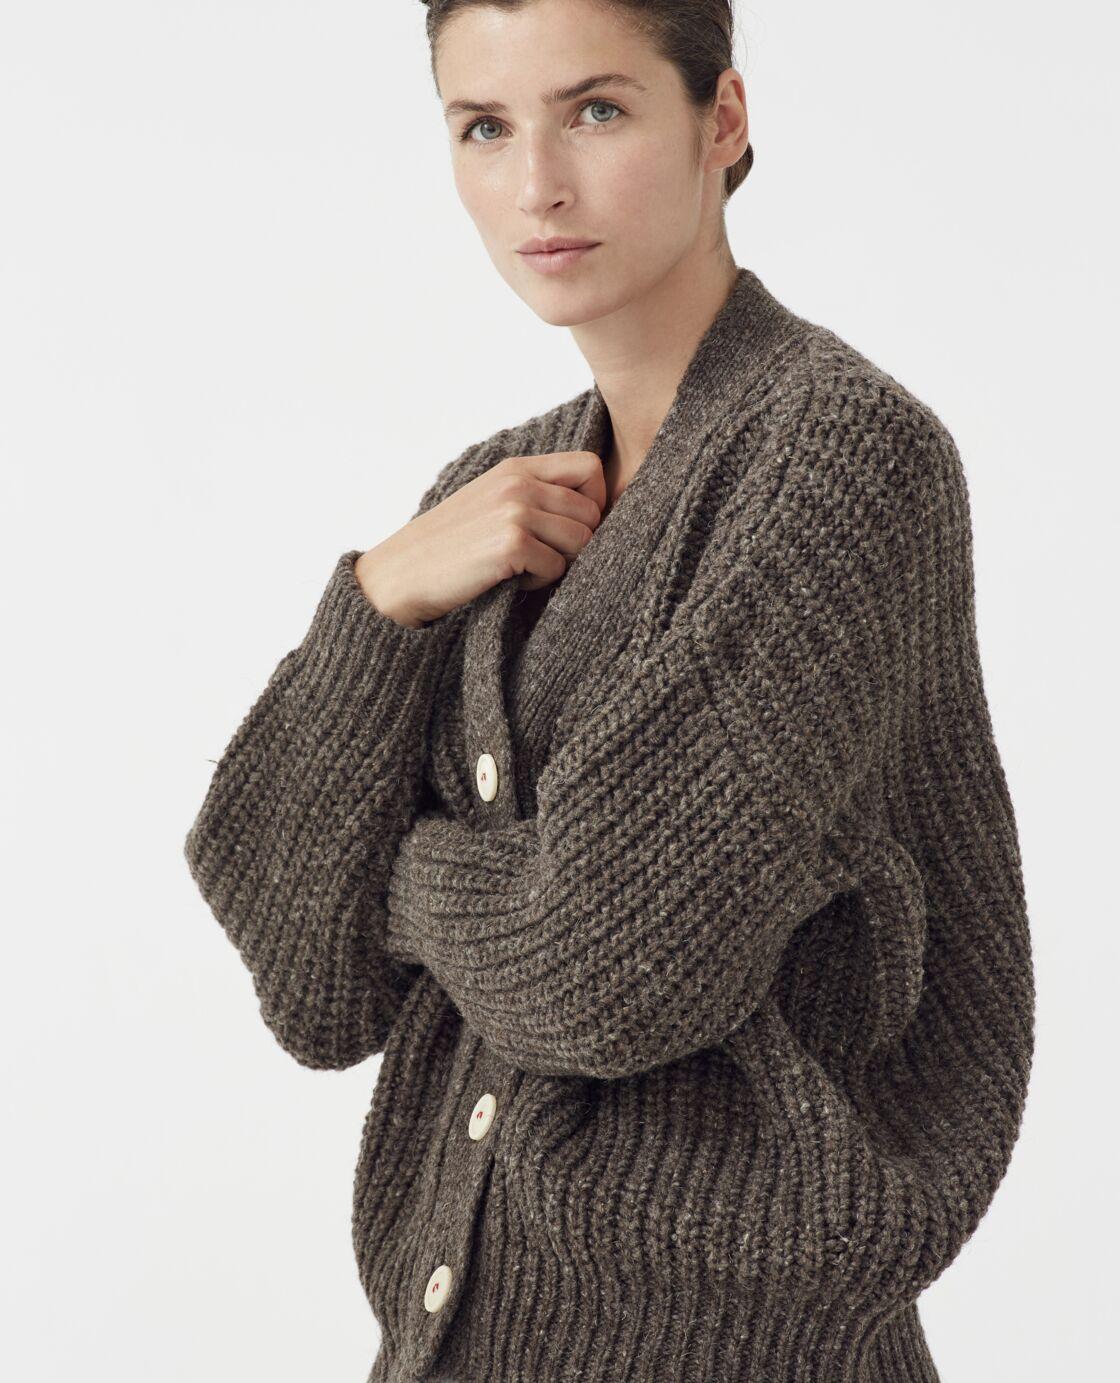 Le cardigan n°19 en fibres naturelles, best-seller de la marque Babaà, 230 €